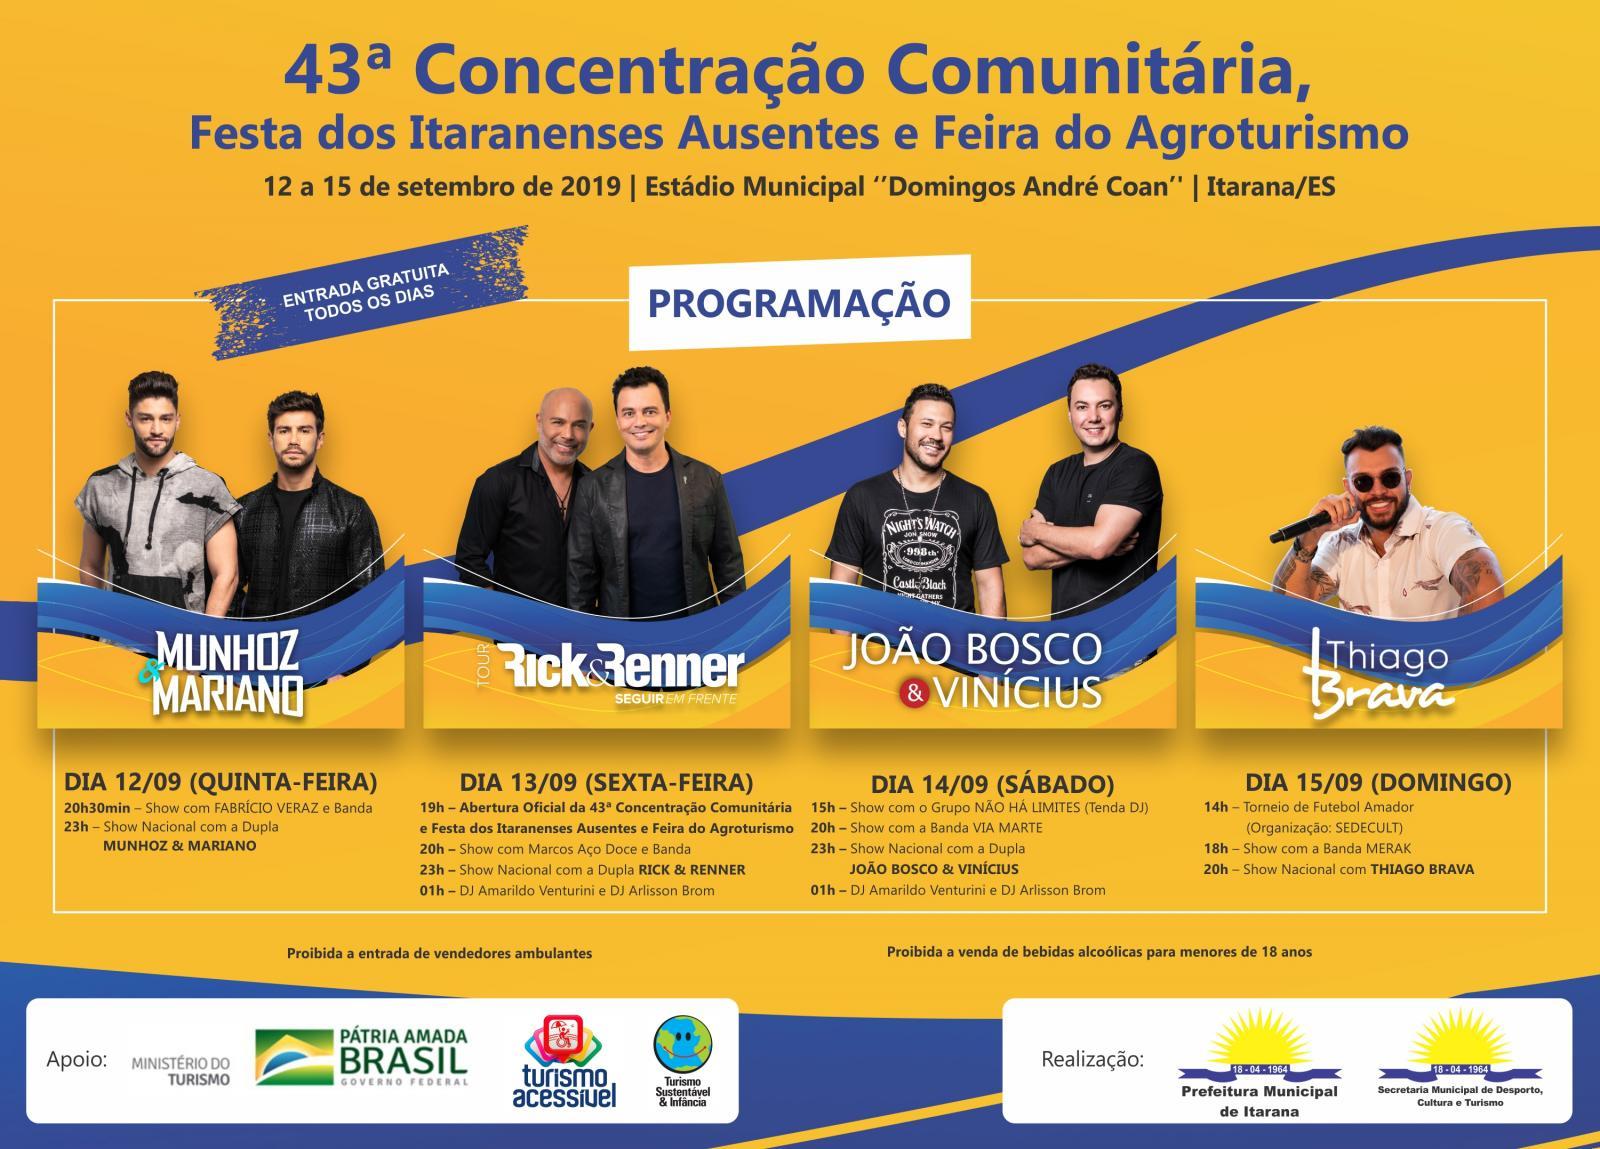 """Programação da """"43ª Concentração Comunitária, Festa dos Itaranenses Ausentes e Feira do Agrotuturismo"""""""